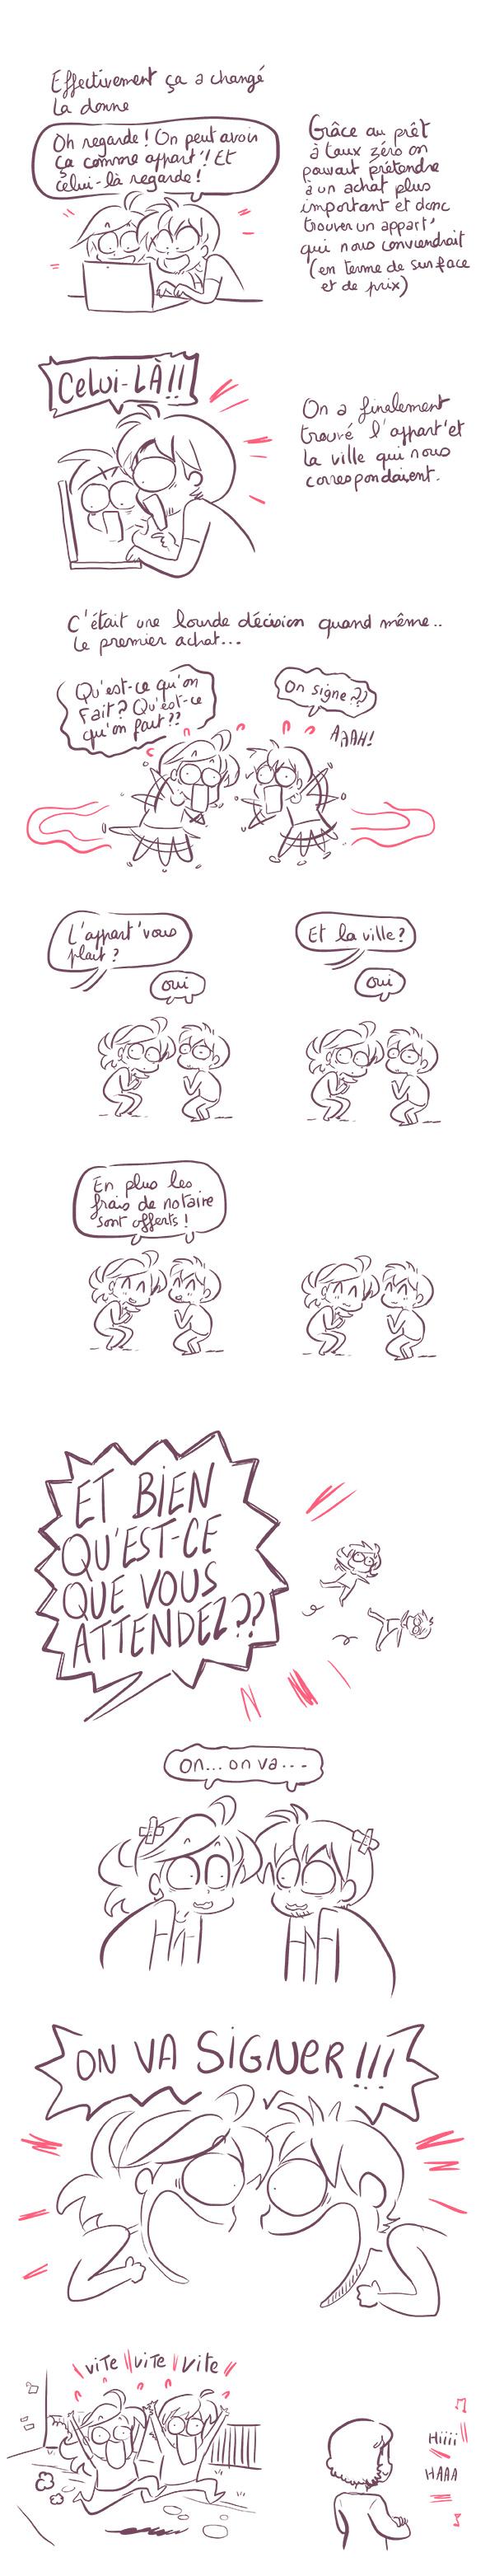 story5-bisok